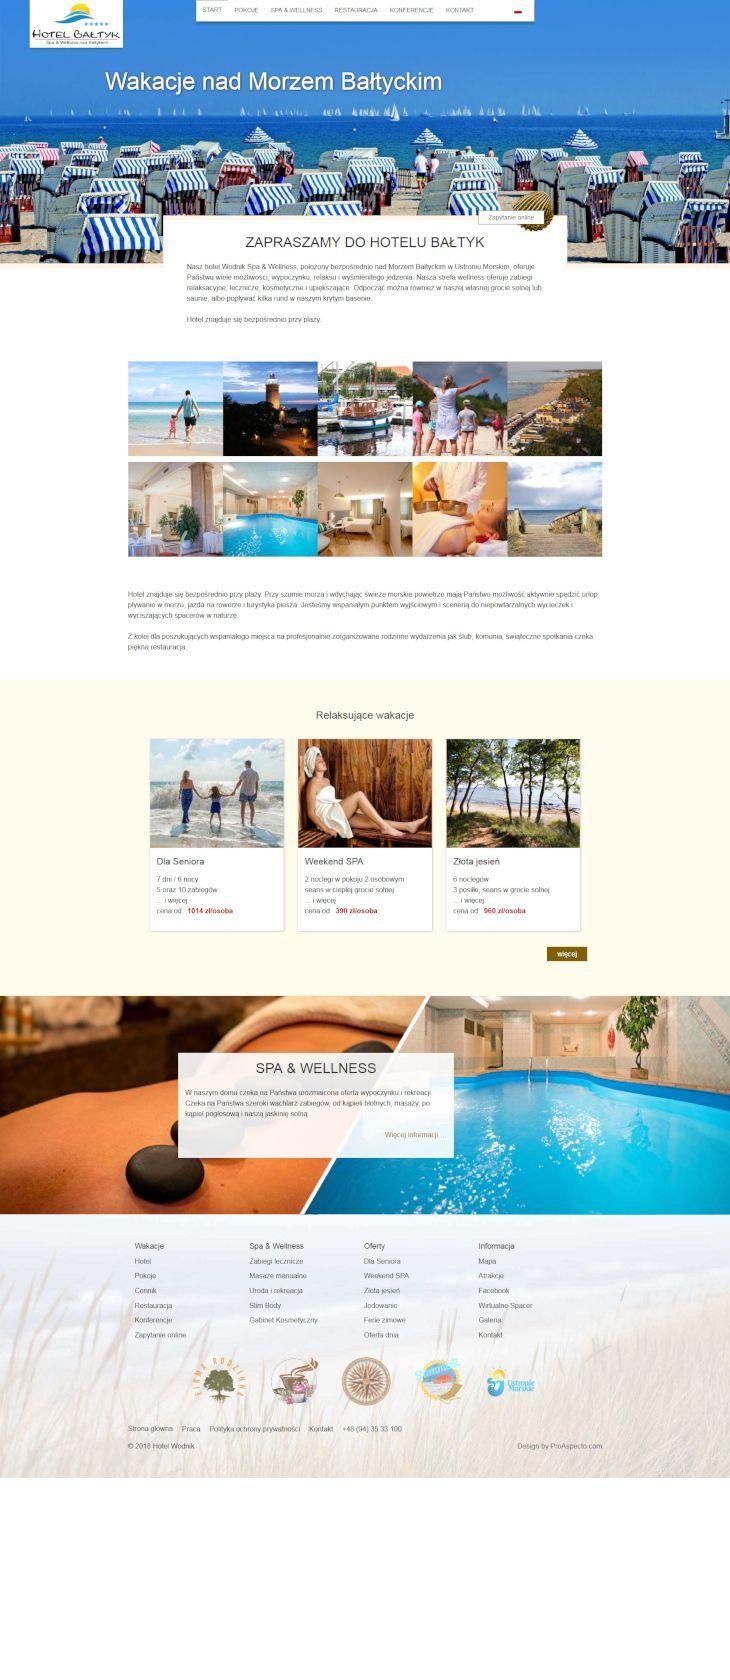 Websit ecase study Homepage